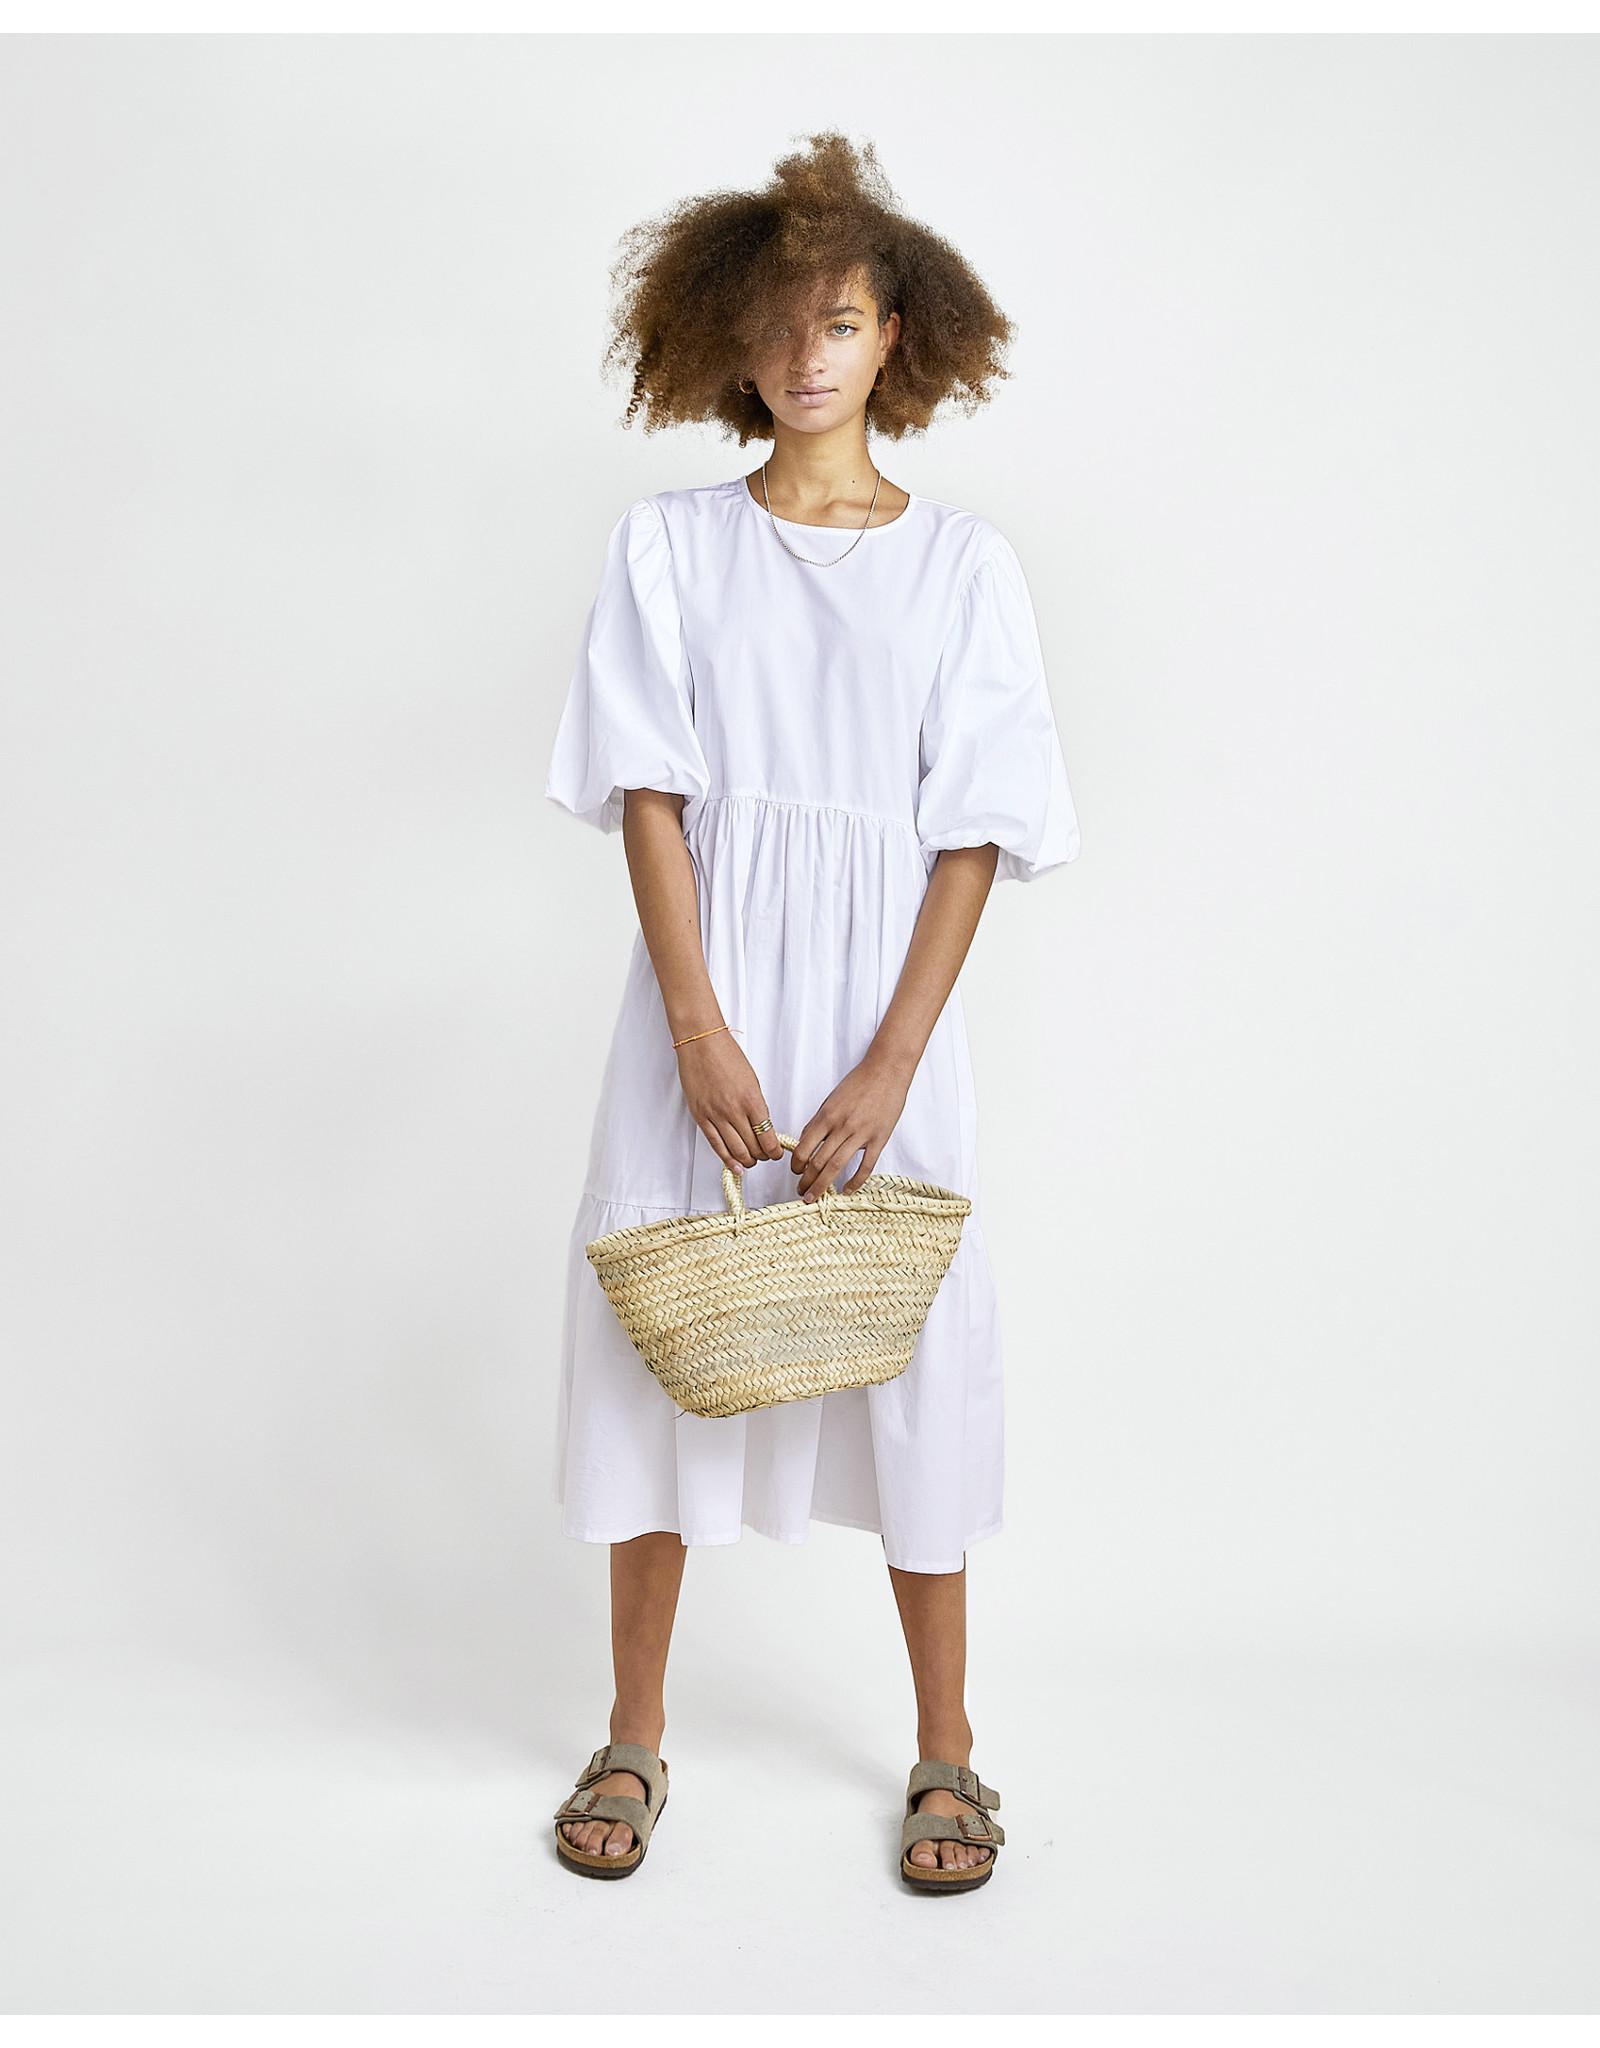 Les Coyotes de Paris LCDP SS21 Billie white dress